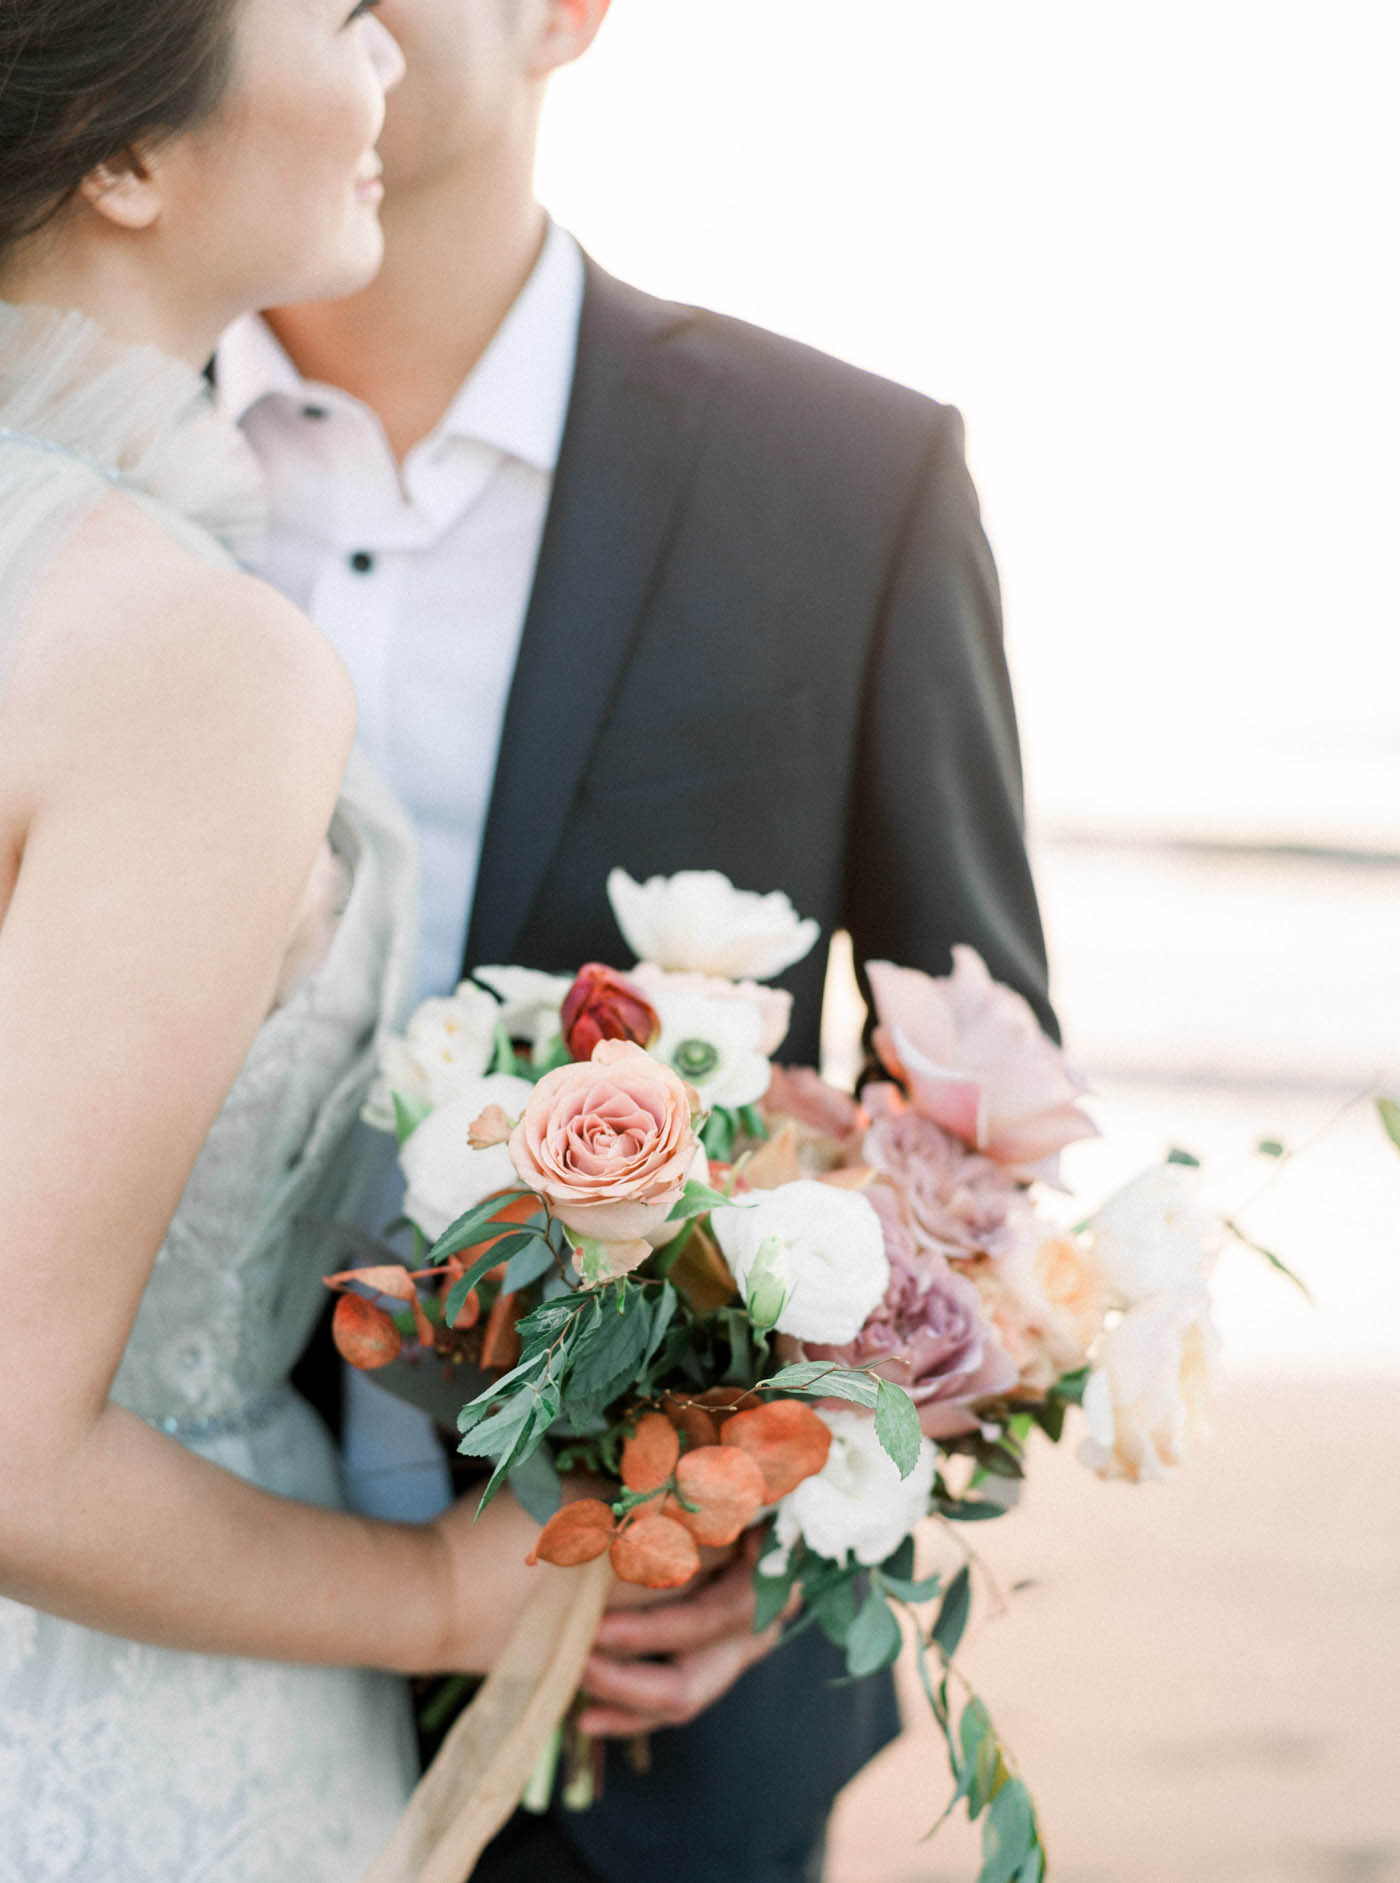 新娘捧花-美式捧花-沙灘婚紗-STAGE-底片-Mark-夕陽-唯諾禮服